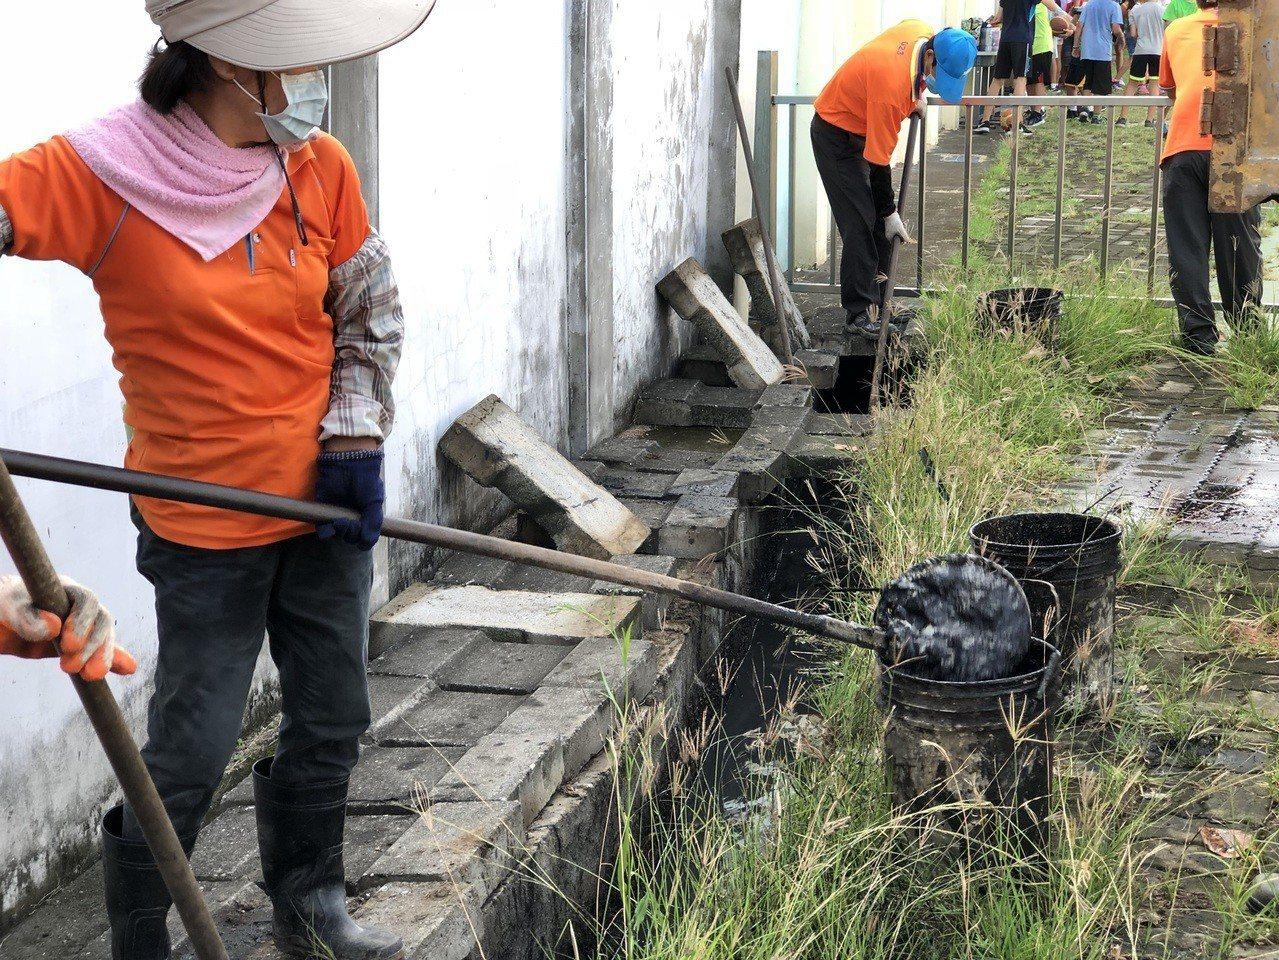 員林市清潔隊員今天到育英國小幫忙打開水溝的水泥蓋後進行清淤。記者何烱榮/攝影